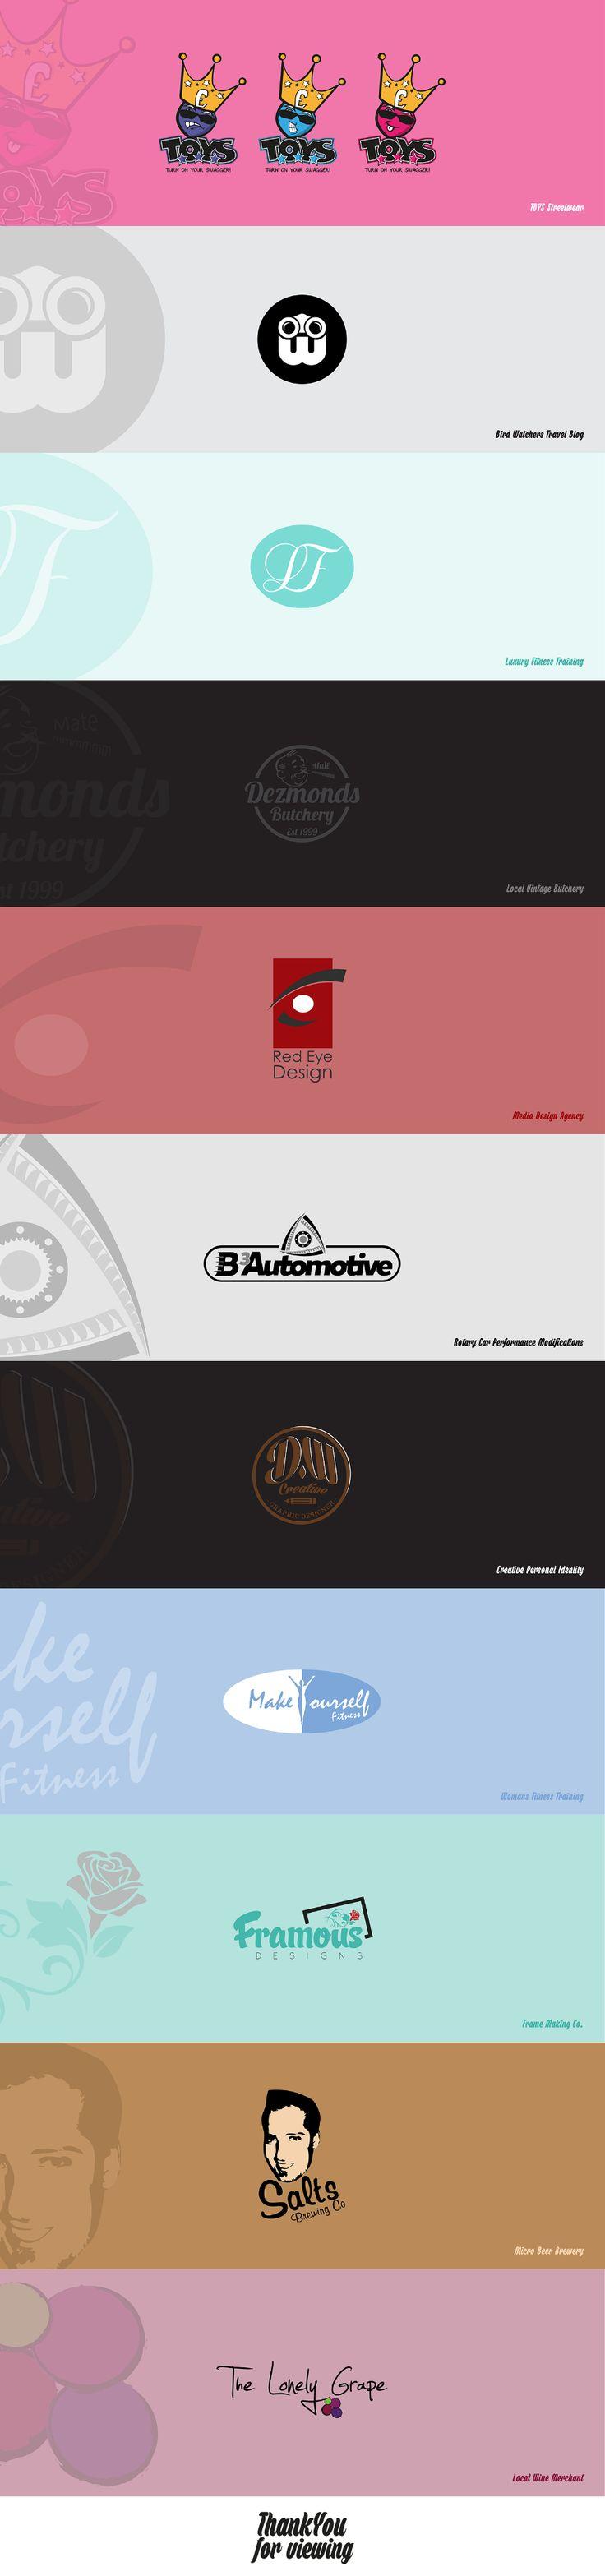 Logofolio - Red Eye Design Tauranga - David Whiting #Logos